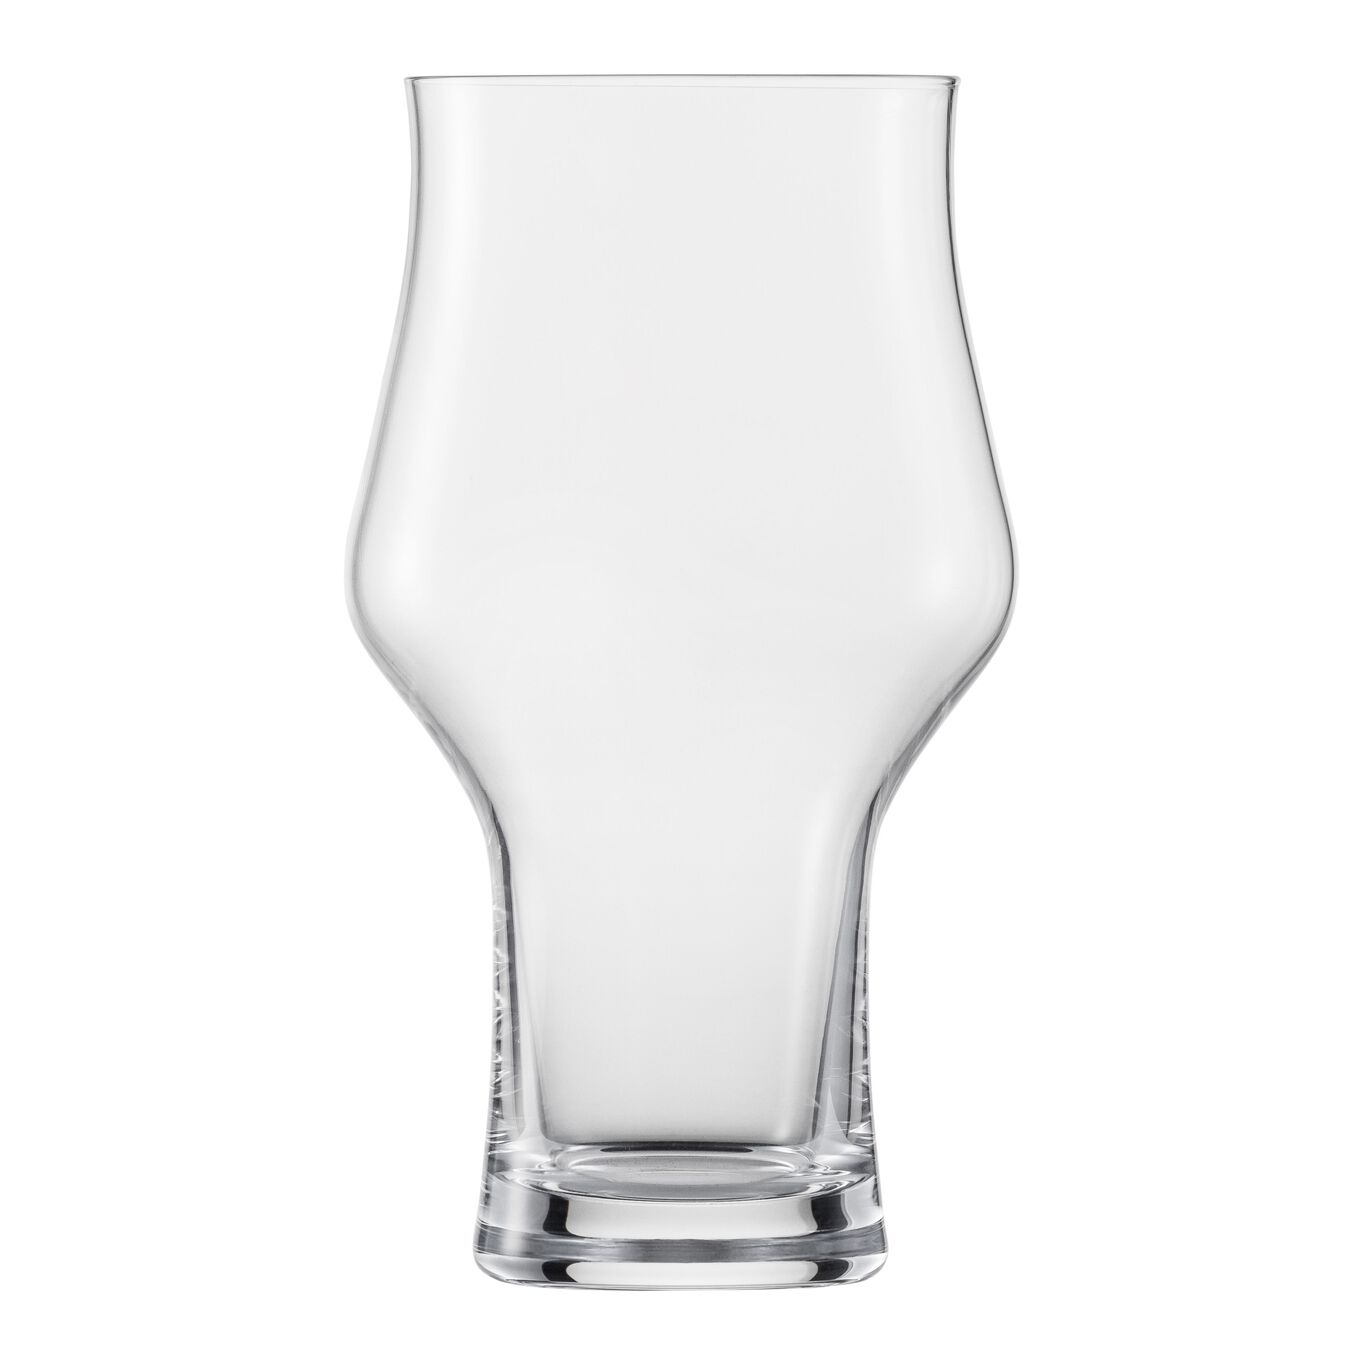 Bira Bardağı | 480 ml,,large 1